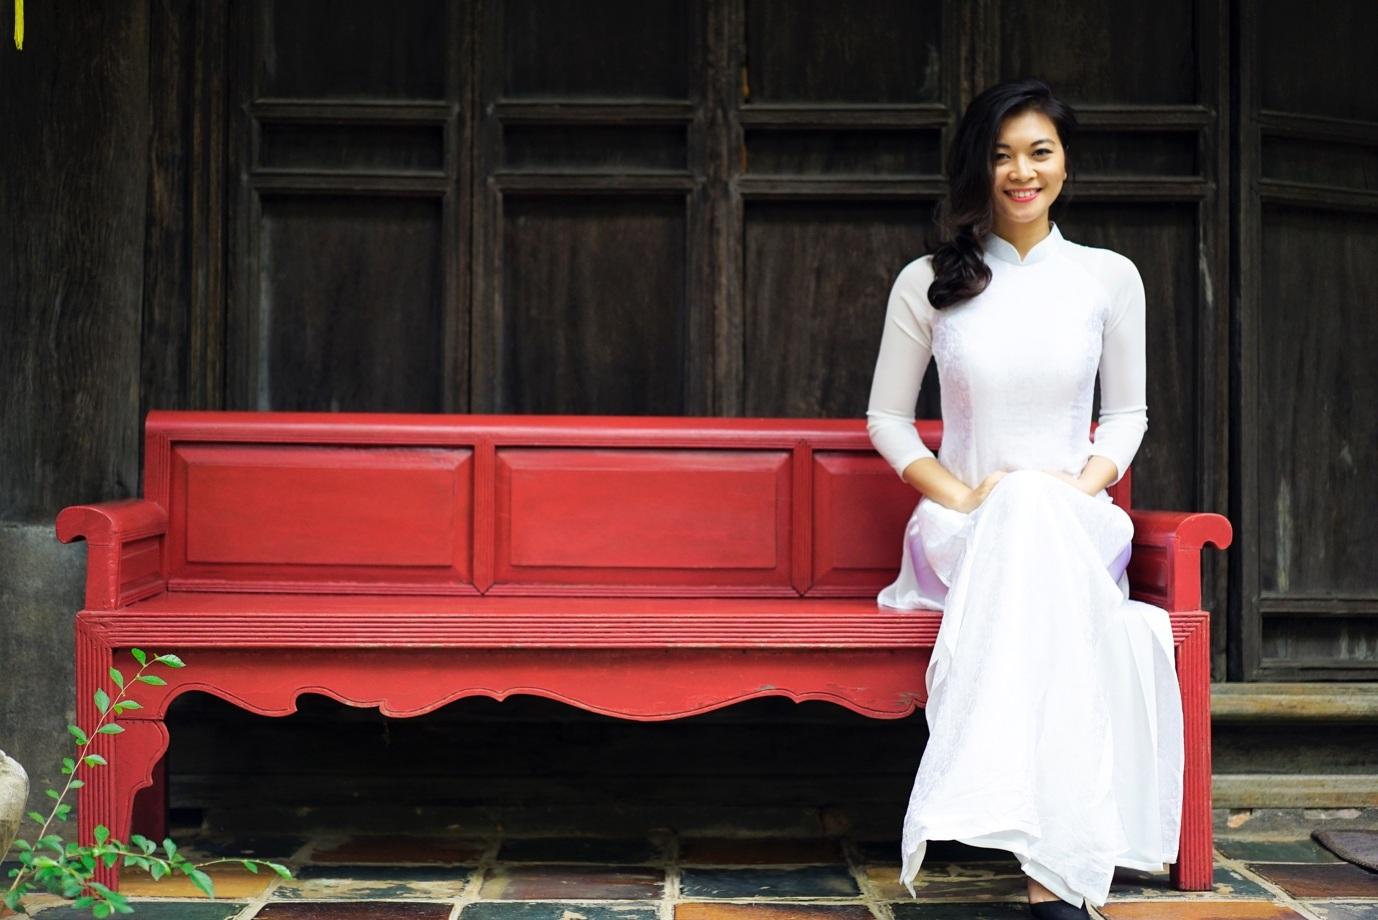 Nữ thạc sĩ Việt tại Mỹ lan toả sức mạnh của lãnh đạo truyền cảm hứng - 11